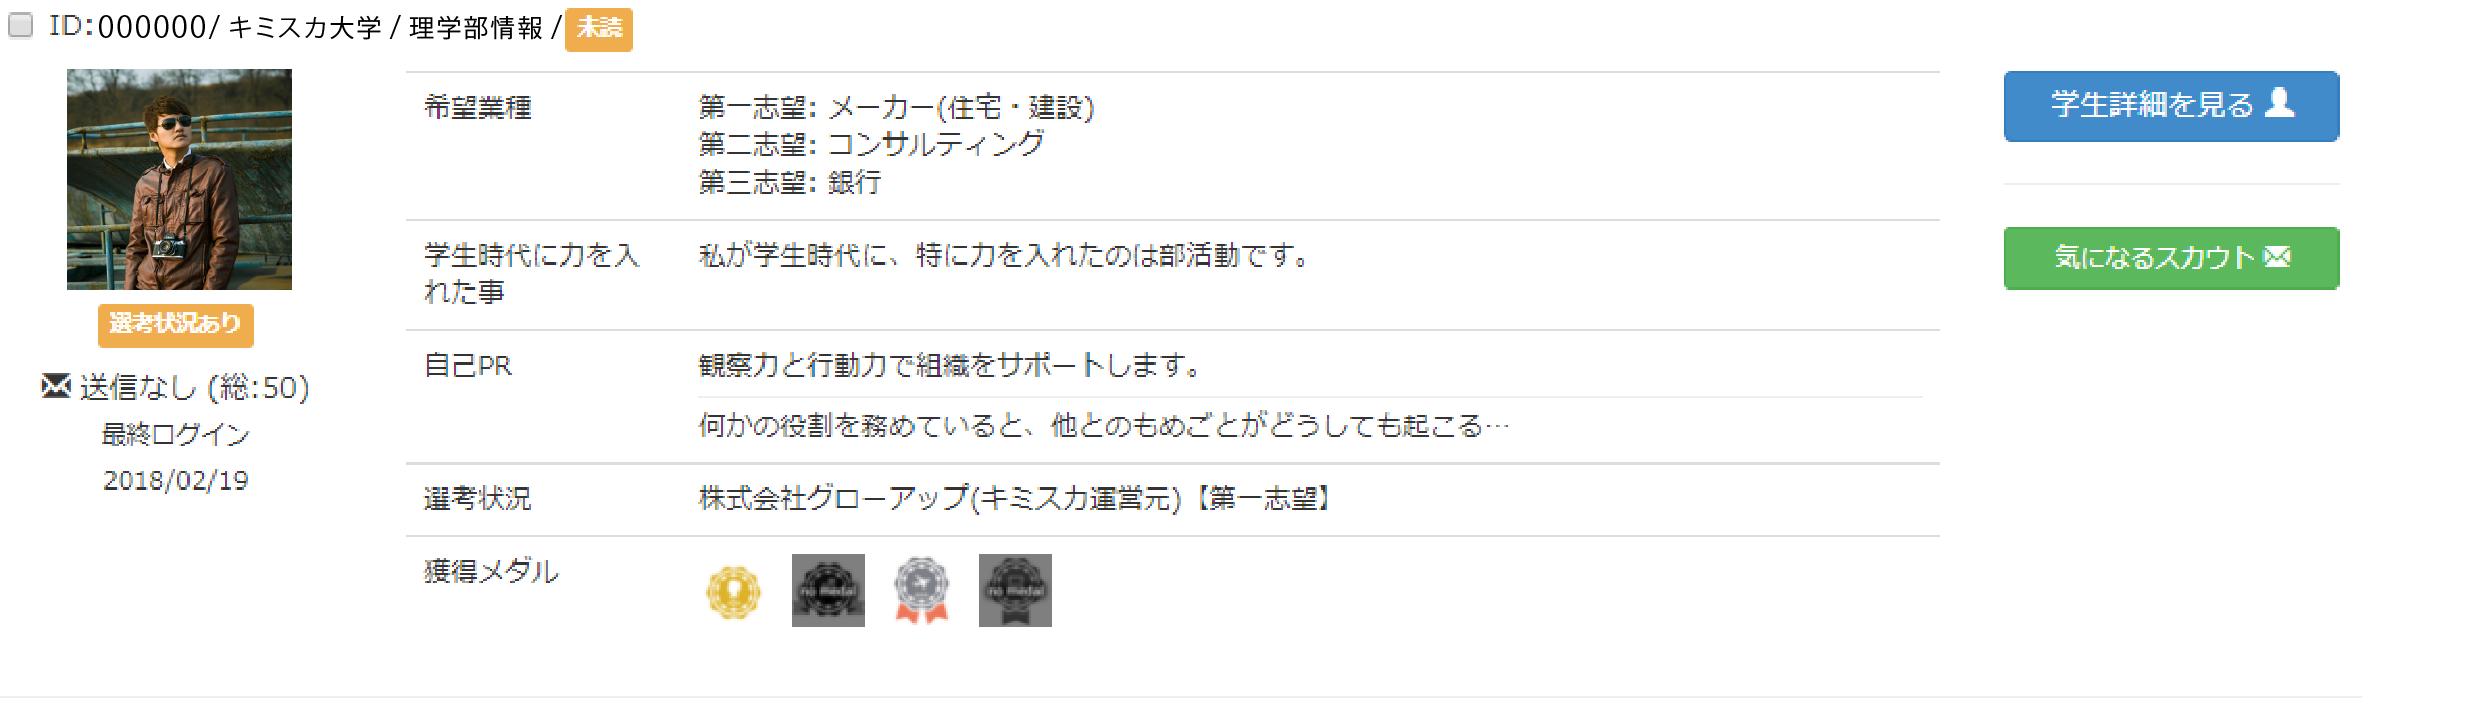 渕田アカウント-01